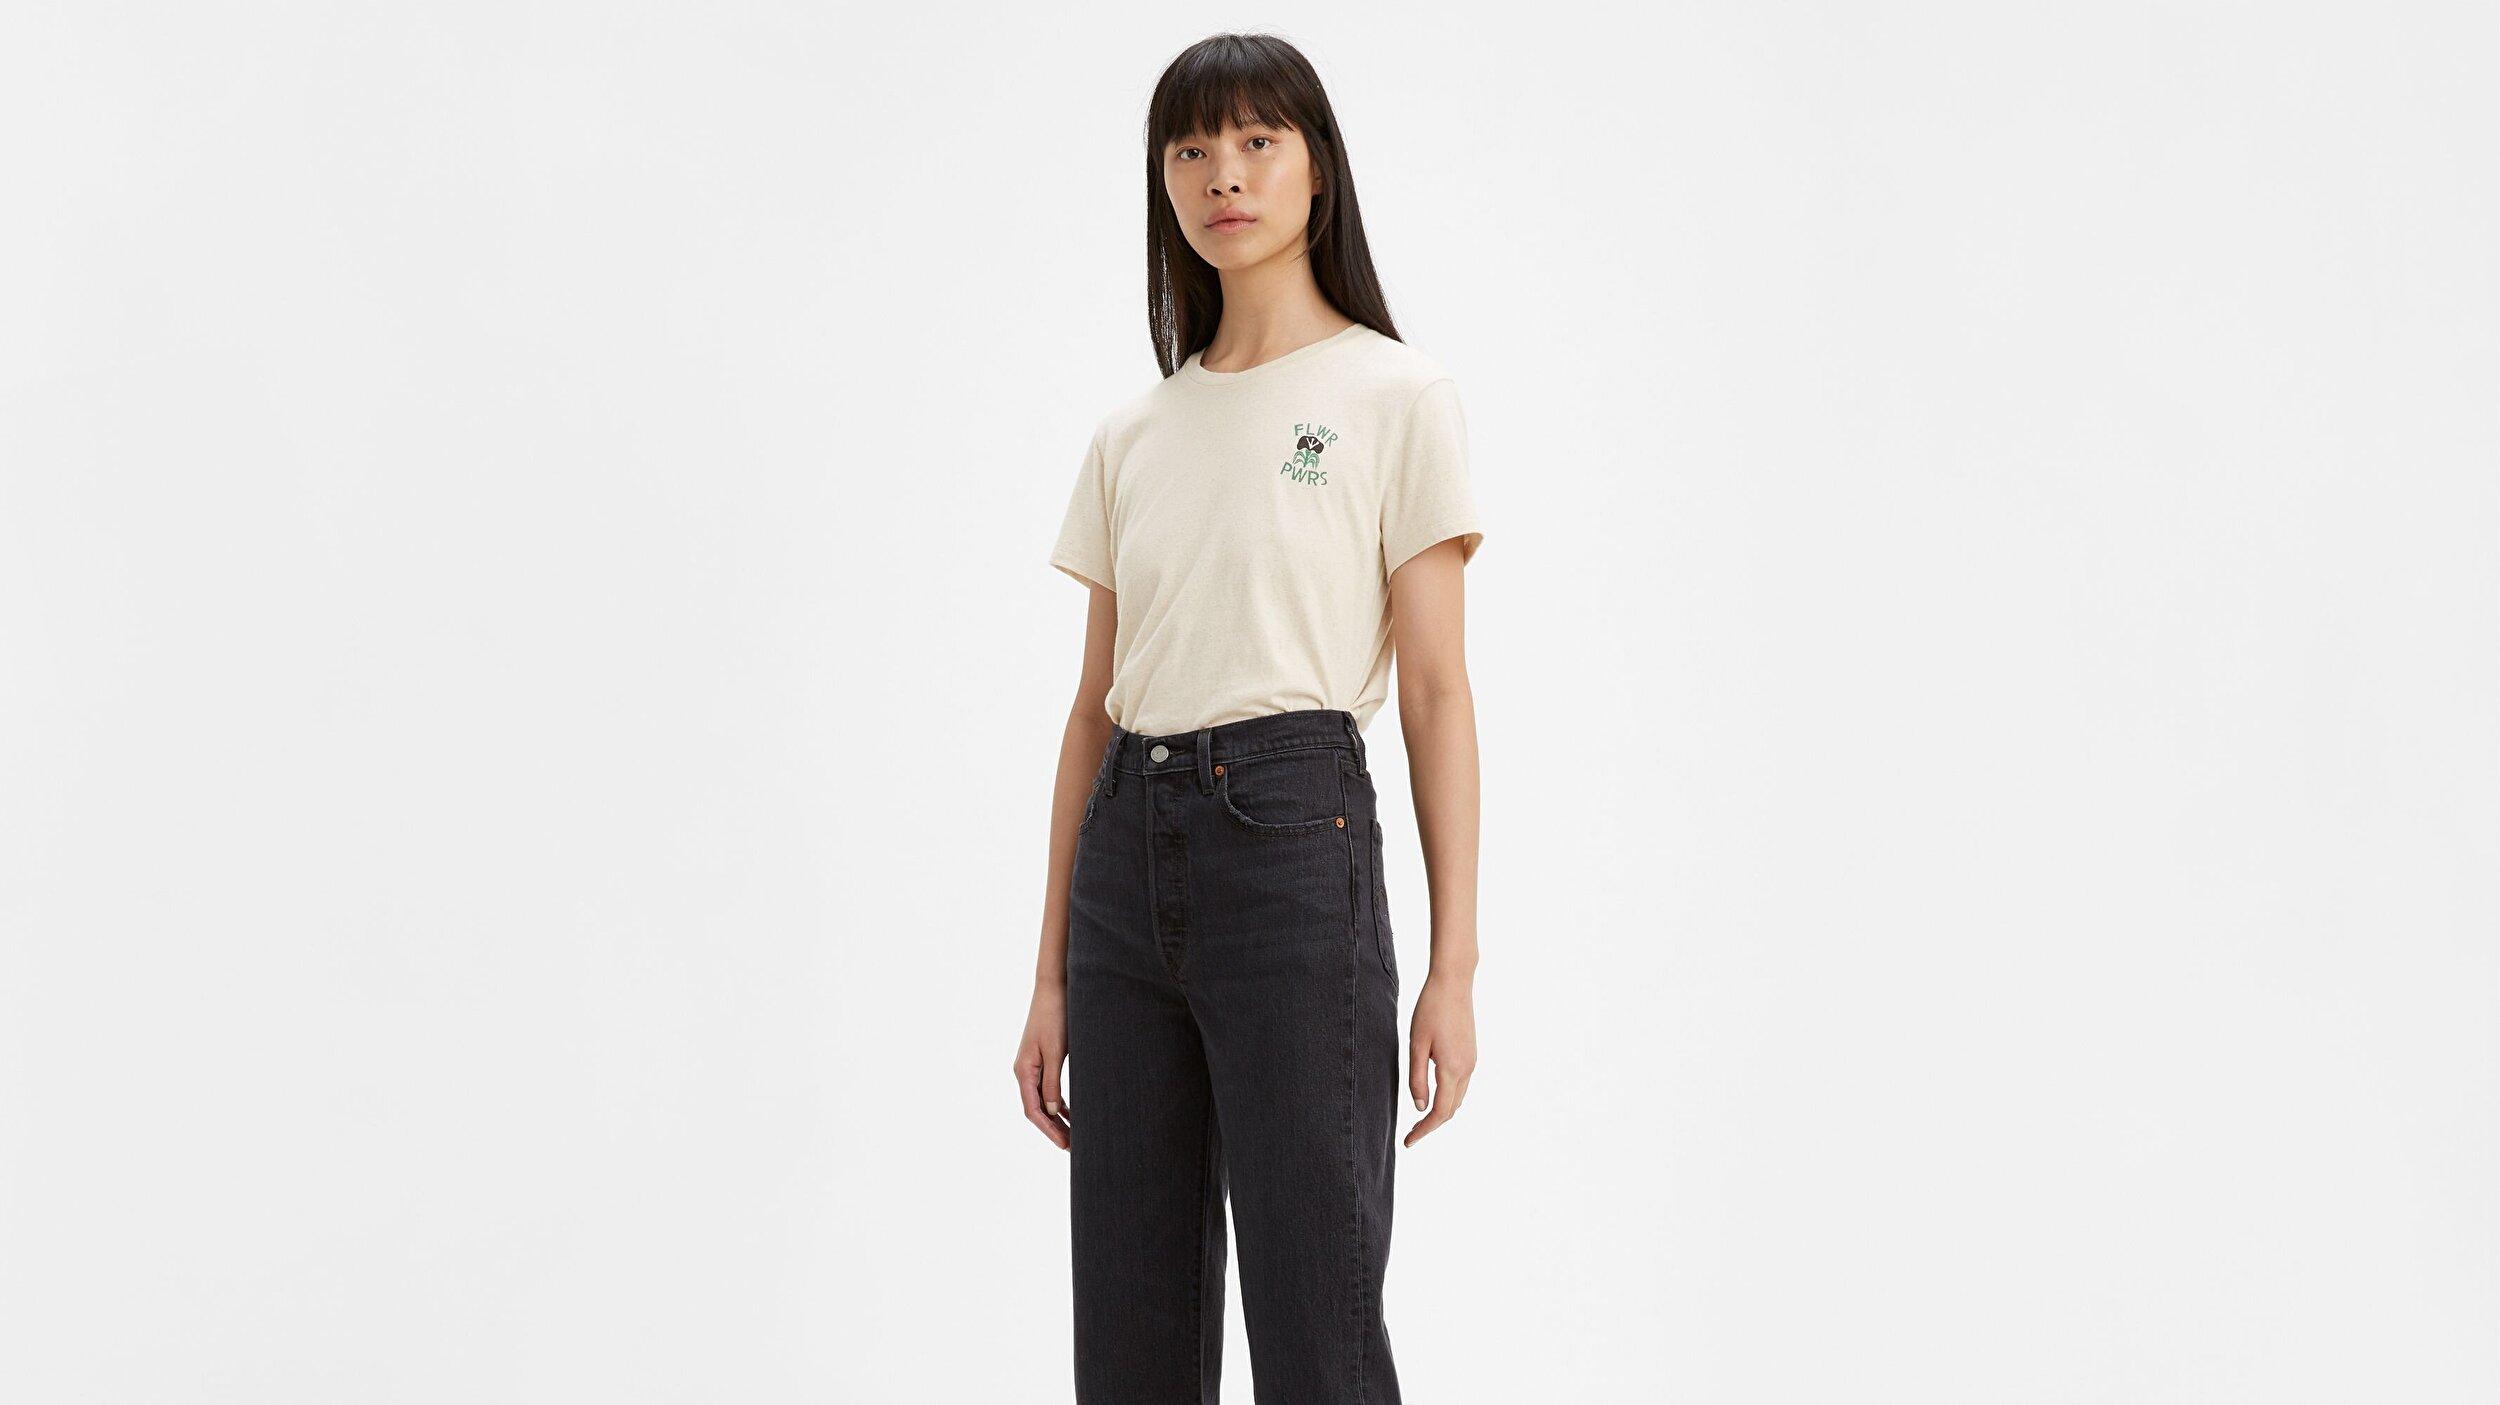 Wellthread Perfect Tee Sand Cotton Hemp Beyaz Kadın Tişört